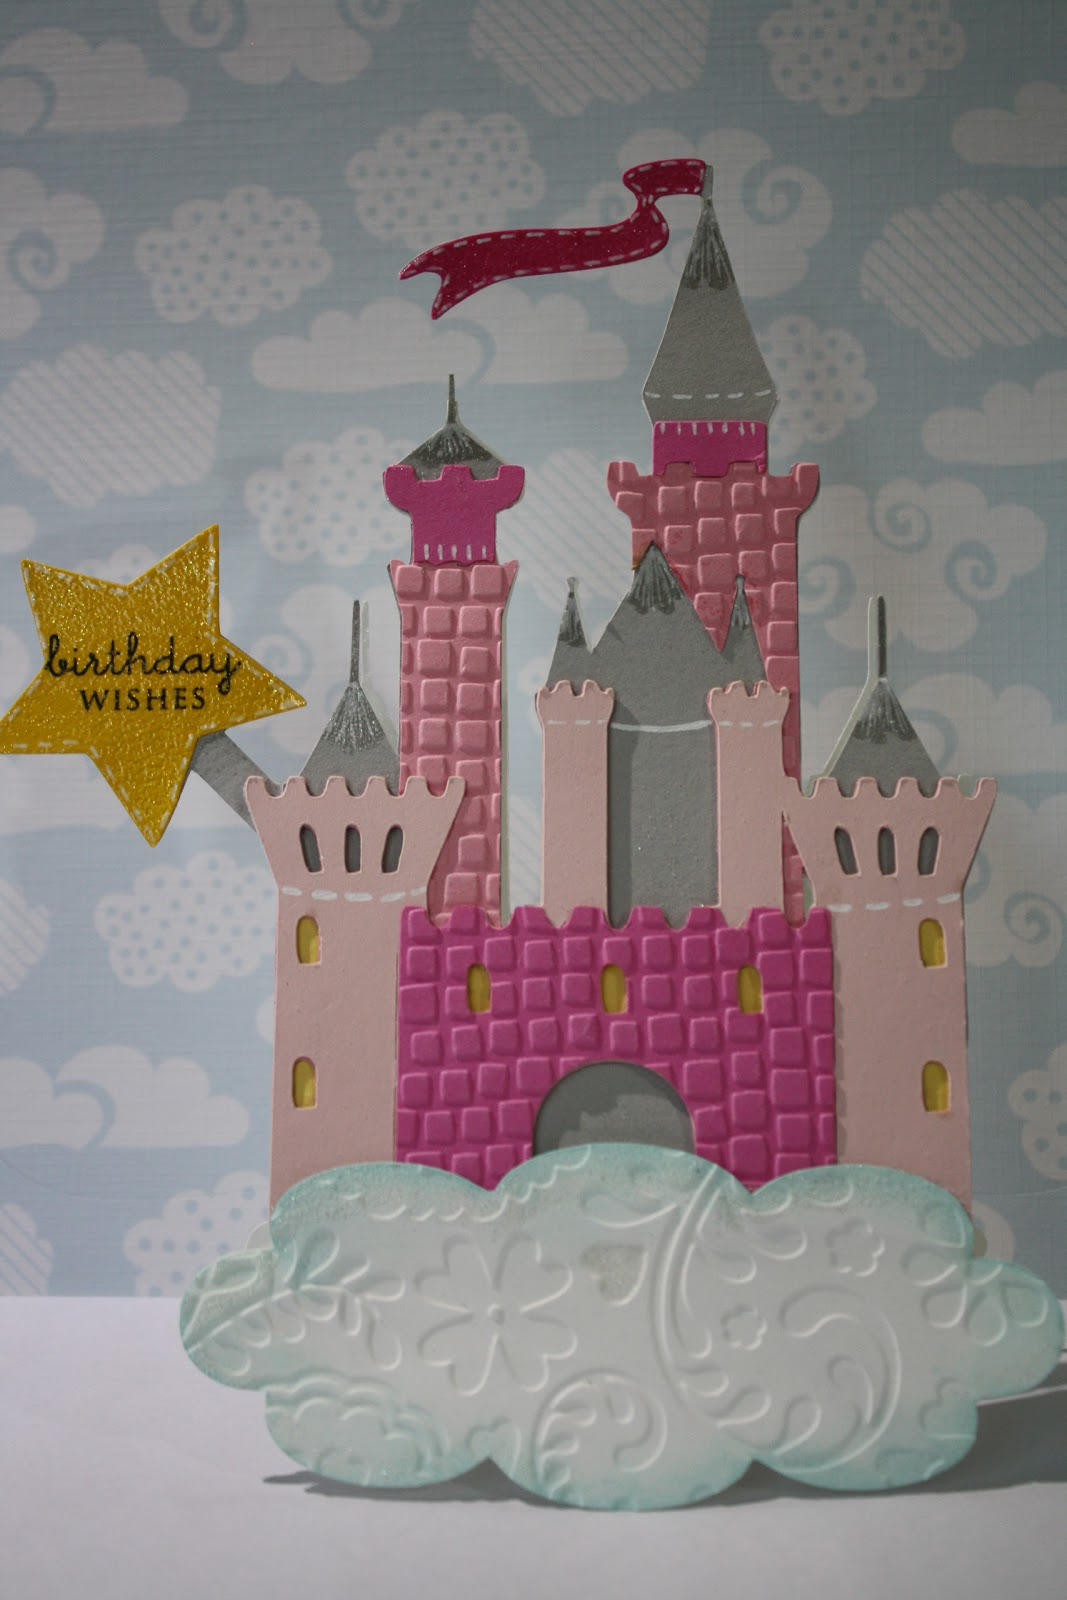 http://1.bp.blogspot.com/-Up_vh-qmD_k/Ticl2hzh11I/AAAAAAAAAR8/bfGyVqdcaUY/s1600/Pink+Castle+B-day+Card+001.JPG